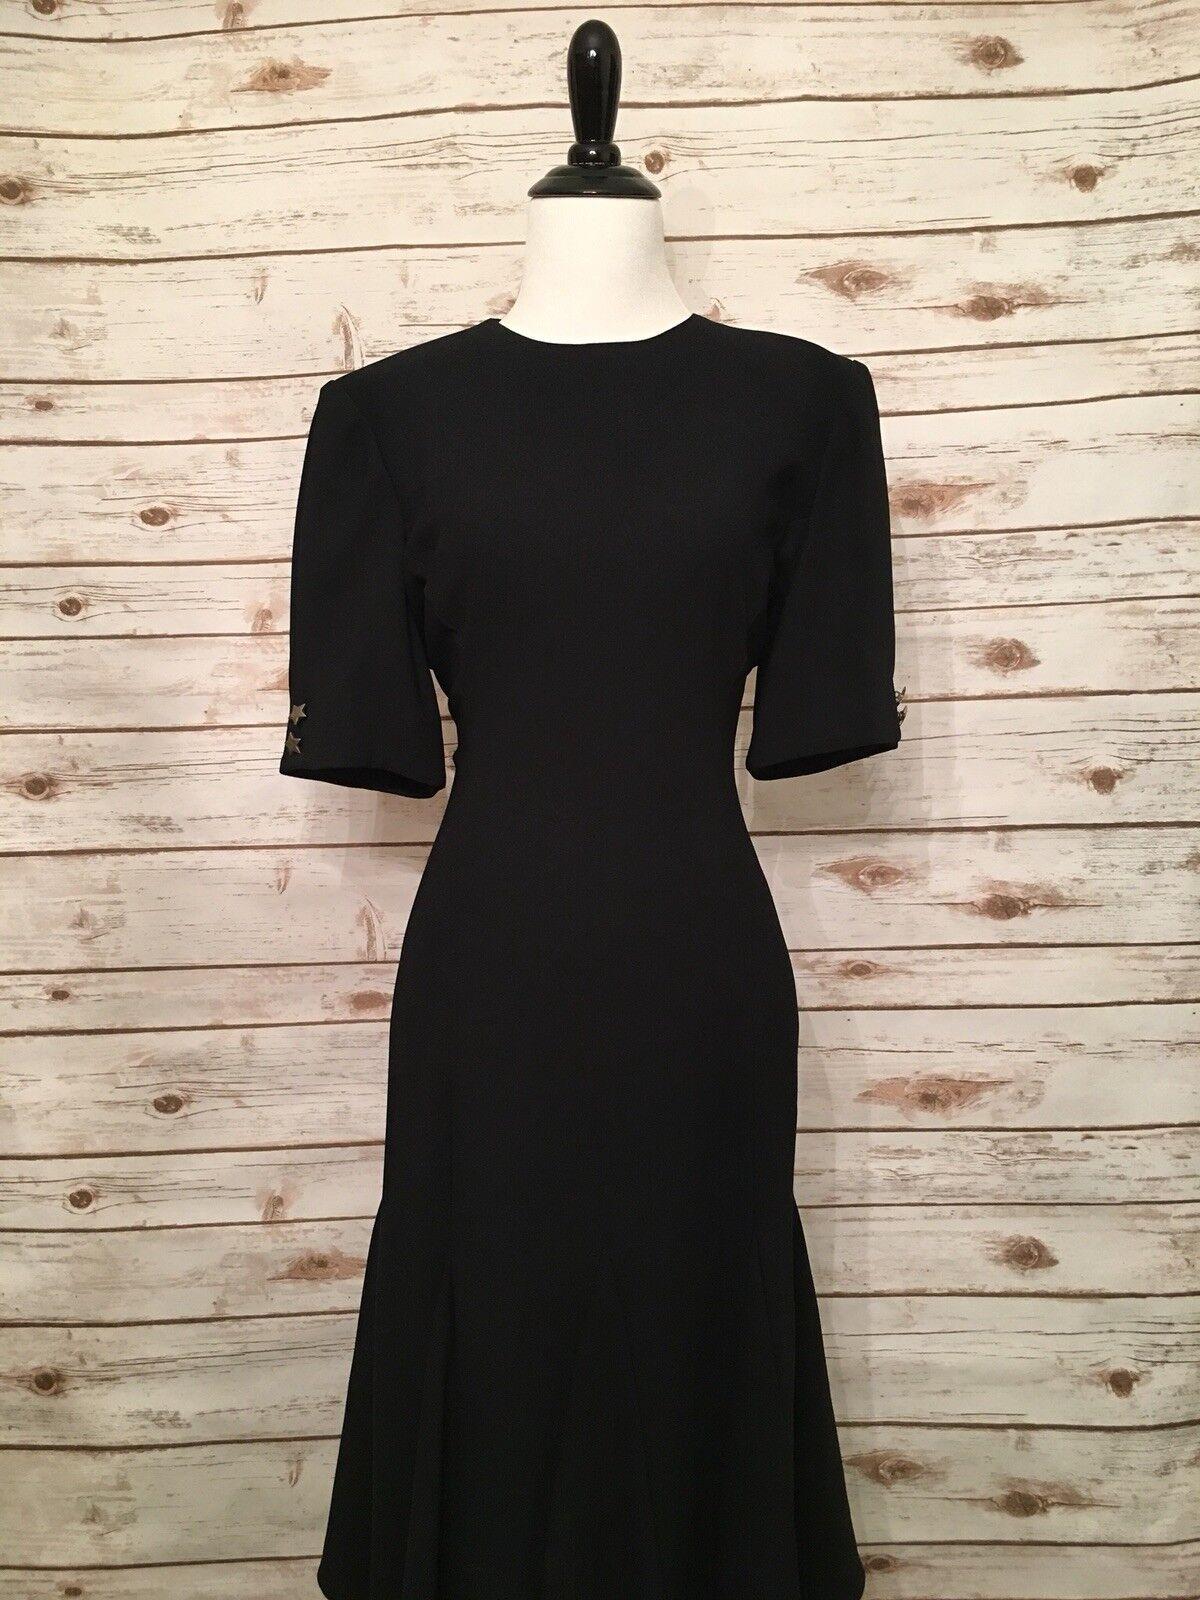 Liz Claiborne Woherren schwarz with Button Embellish Side Dress SZ 10 (d